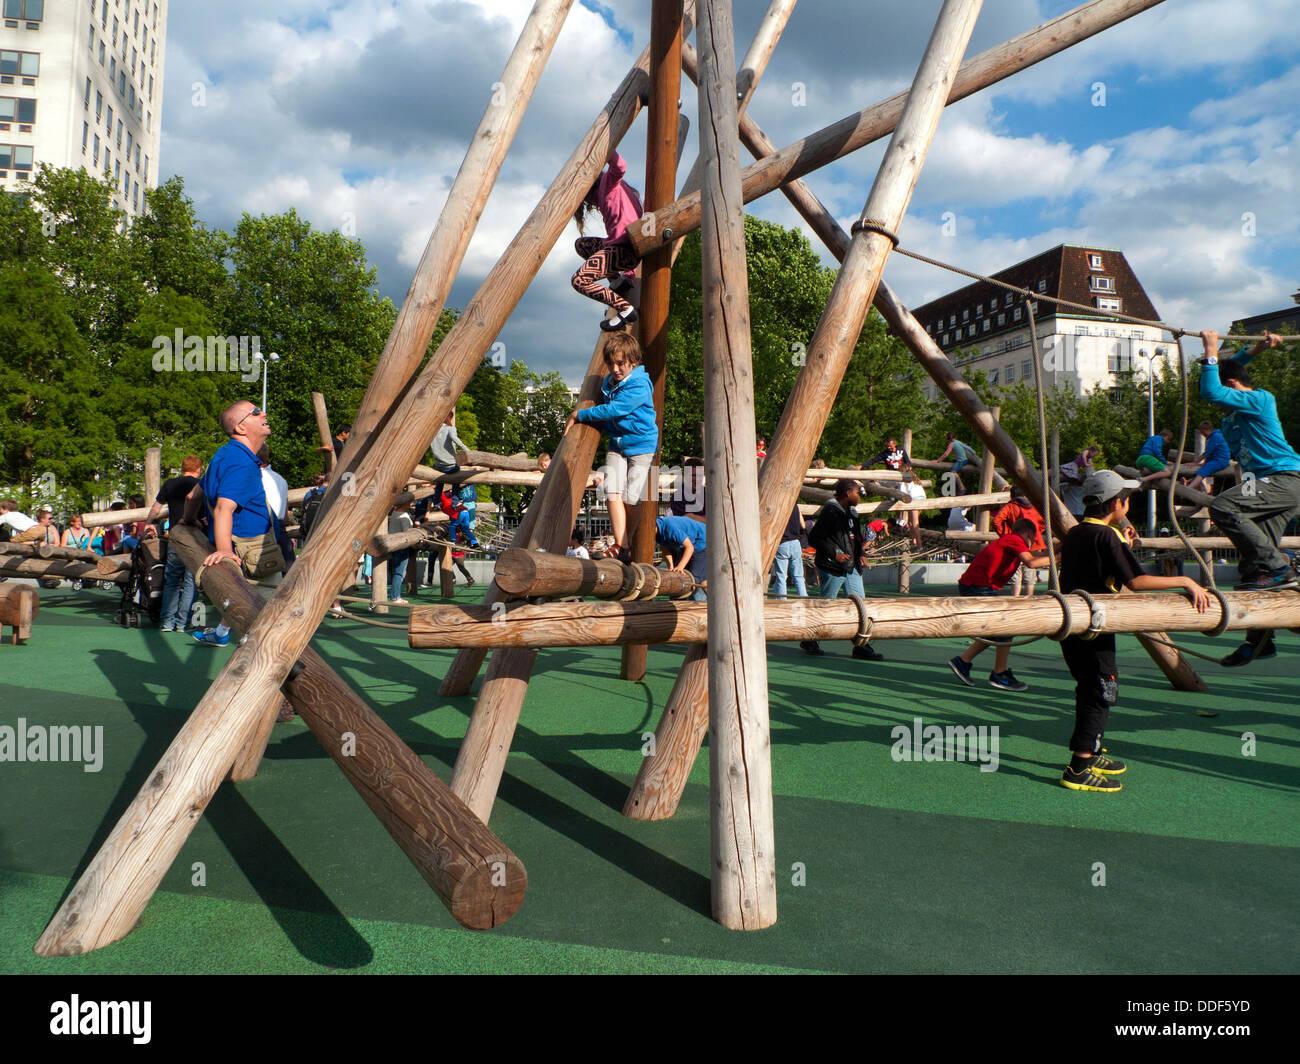 Klettergerüst Englisch : Kinder spielen im freien auf einem baumstamm holz klettergerüst